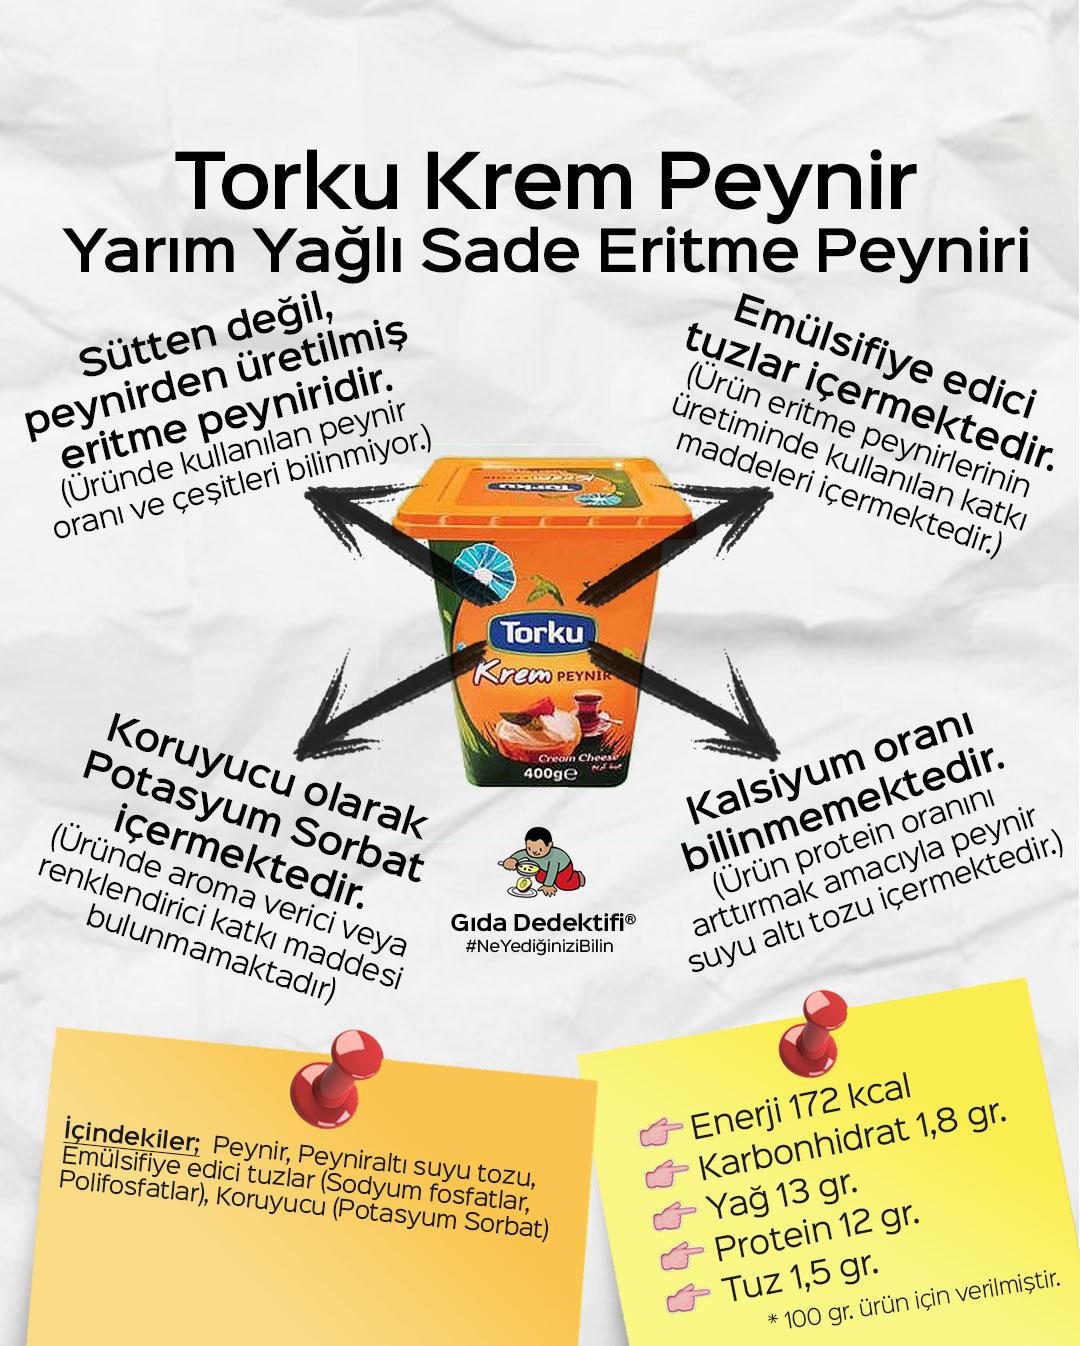 Torku Krem Peynir - Gıda Dedektifi